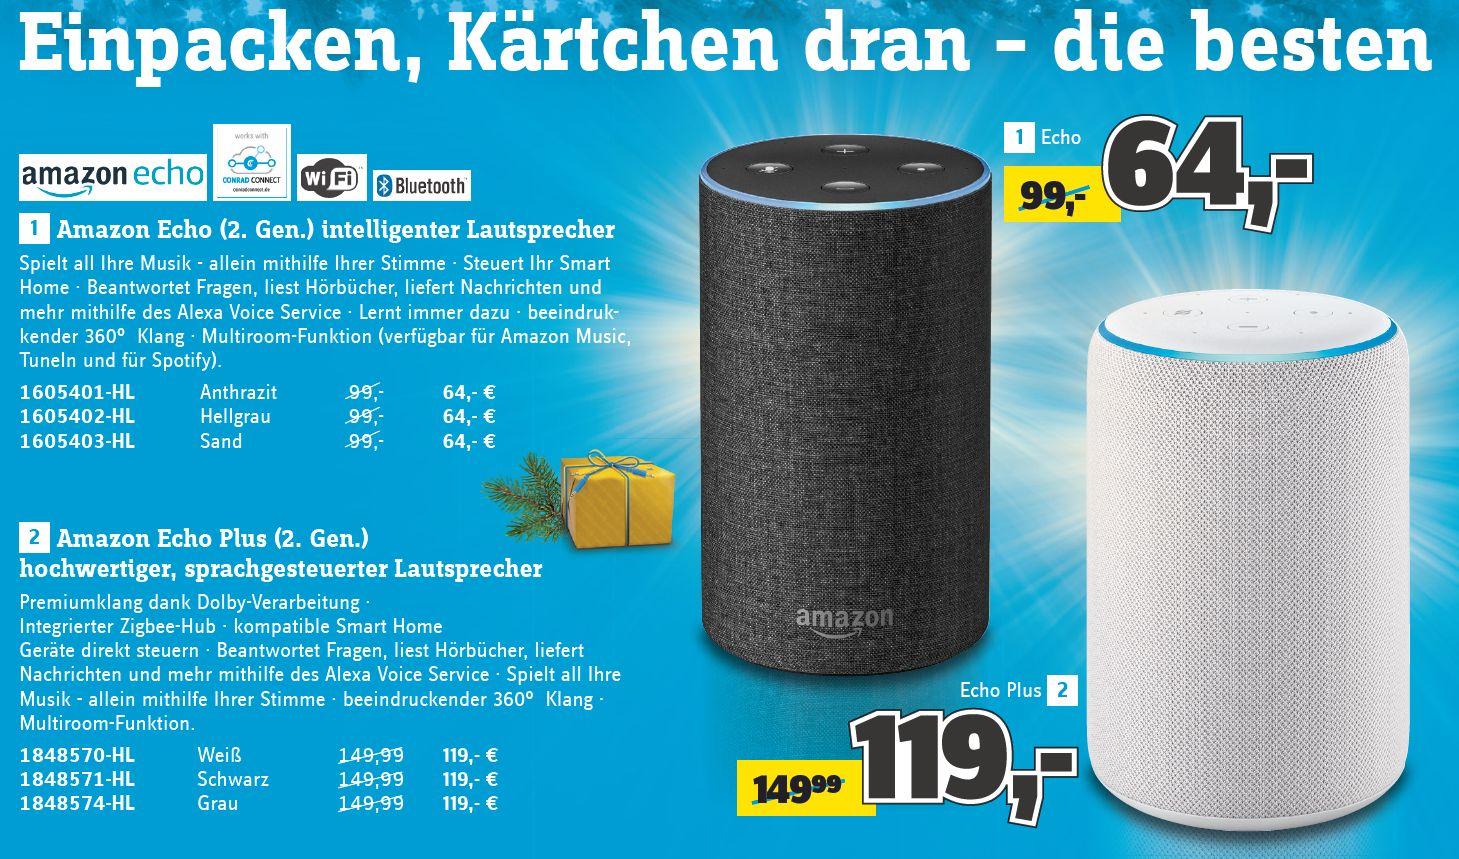 [Conrad] Amazon Echo (2. Generation) für 64,-€ // Amazon Echo Plus (2. Generation) für 119,-€